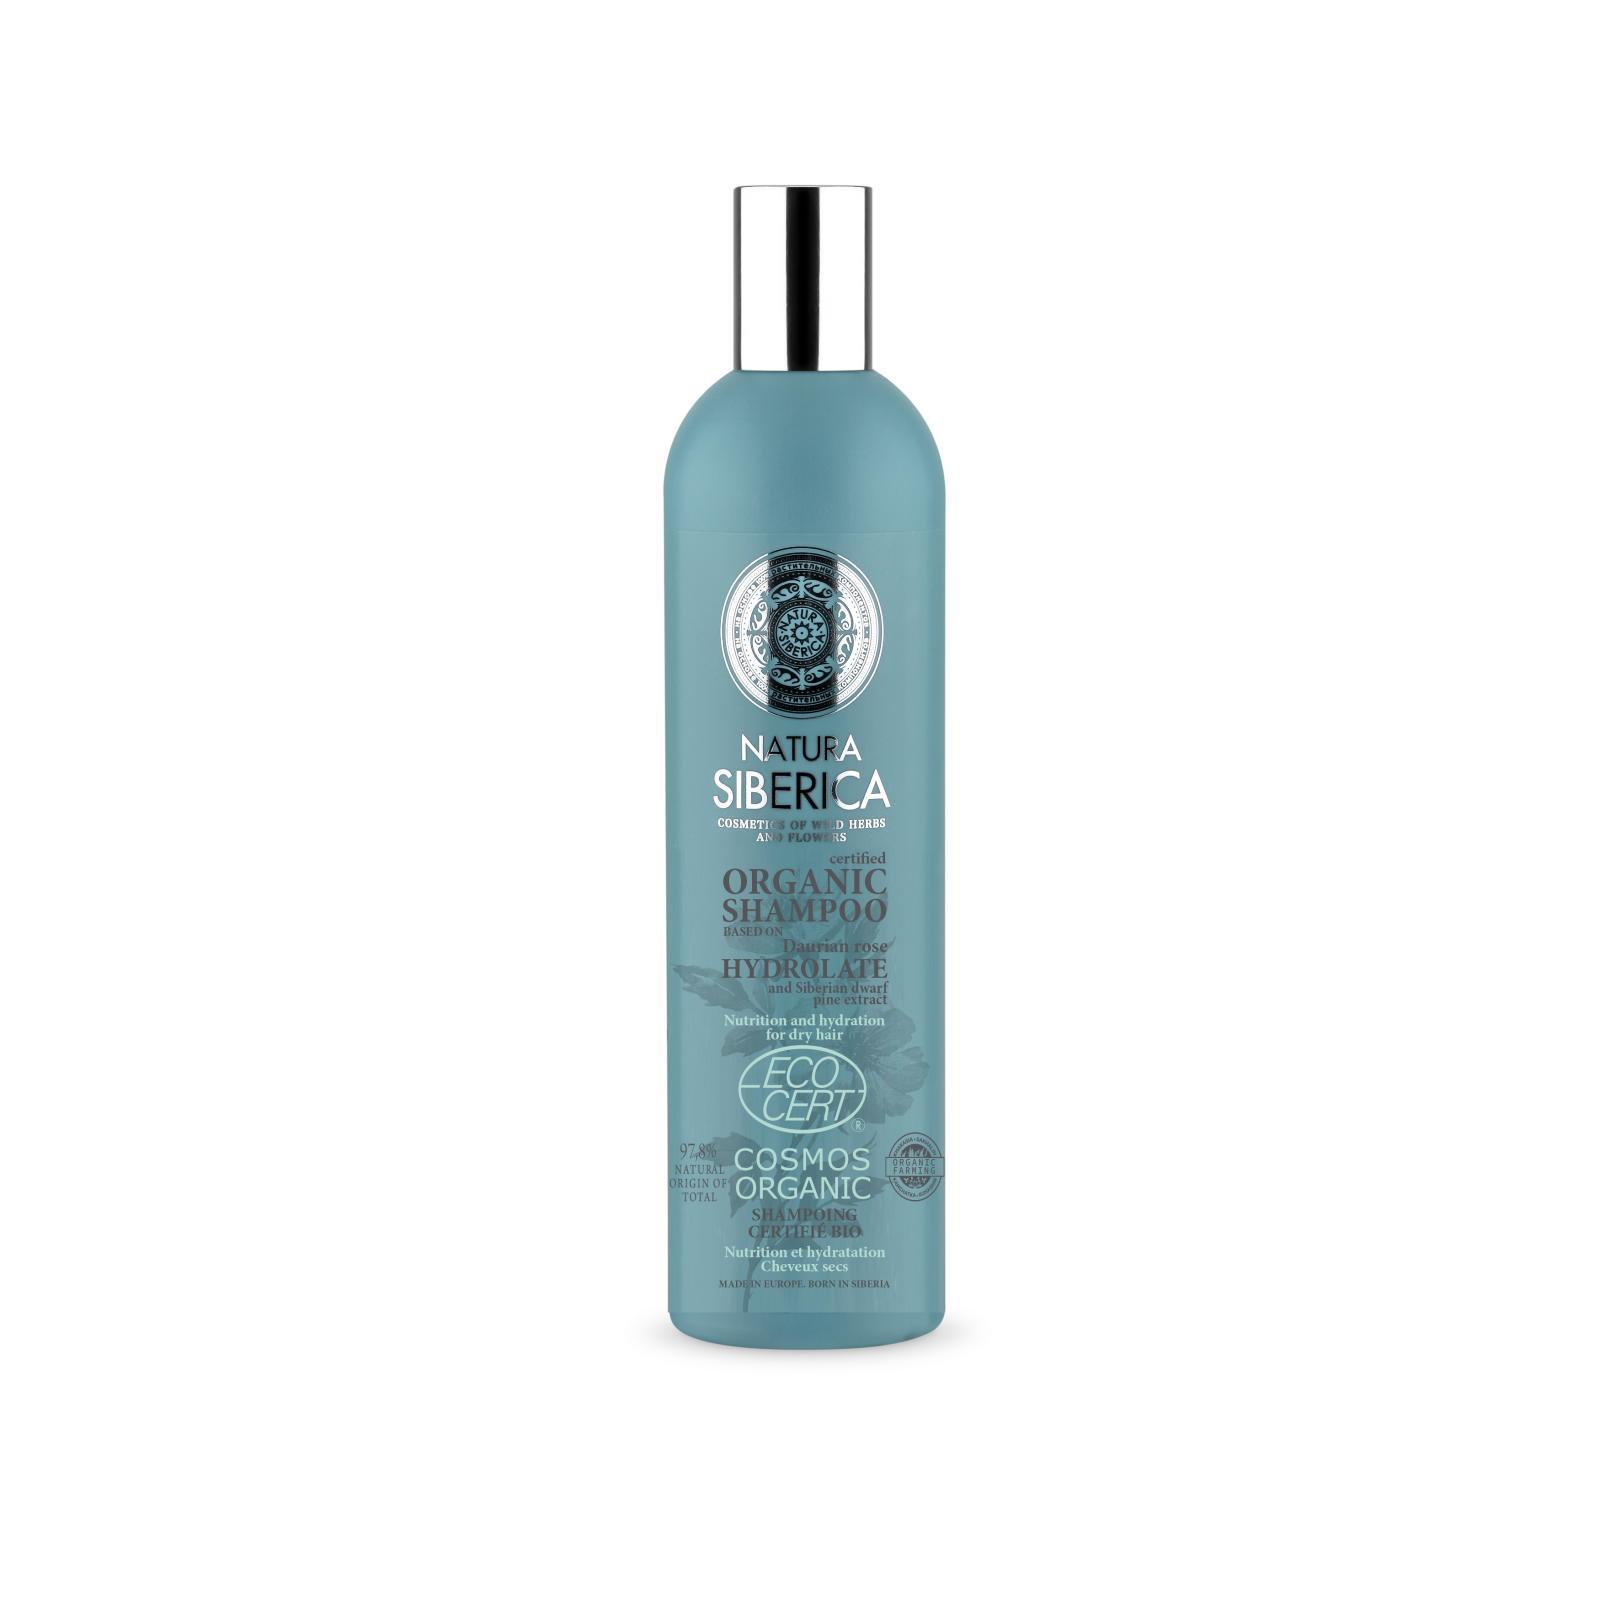 Natura Siberica Šampon pro suché a lámavé vlasy - Výživa a hydratace 400 ml